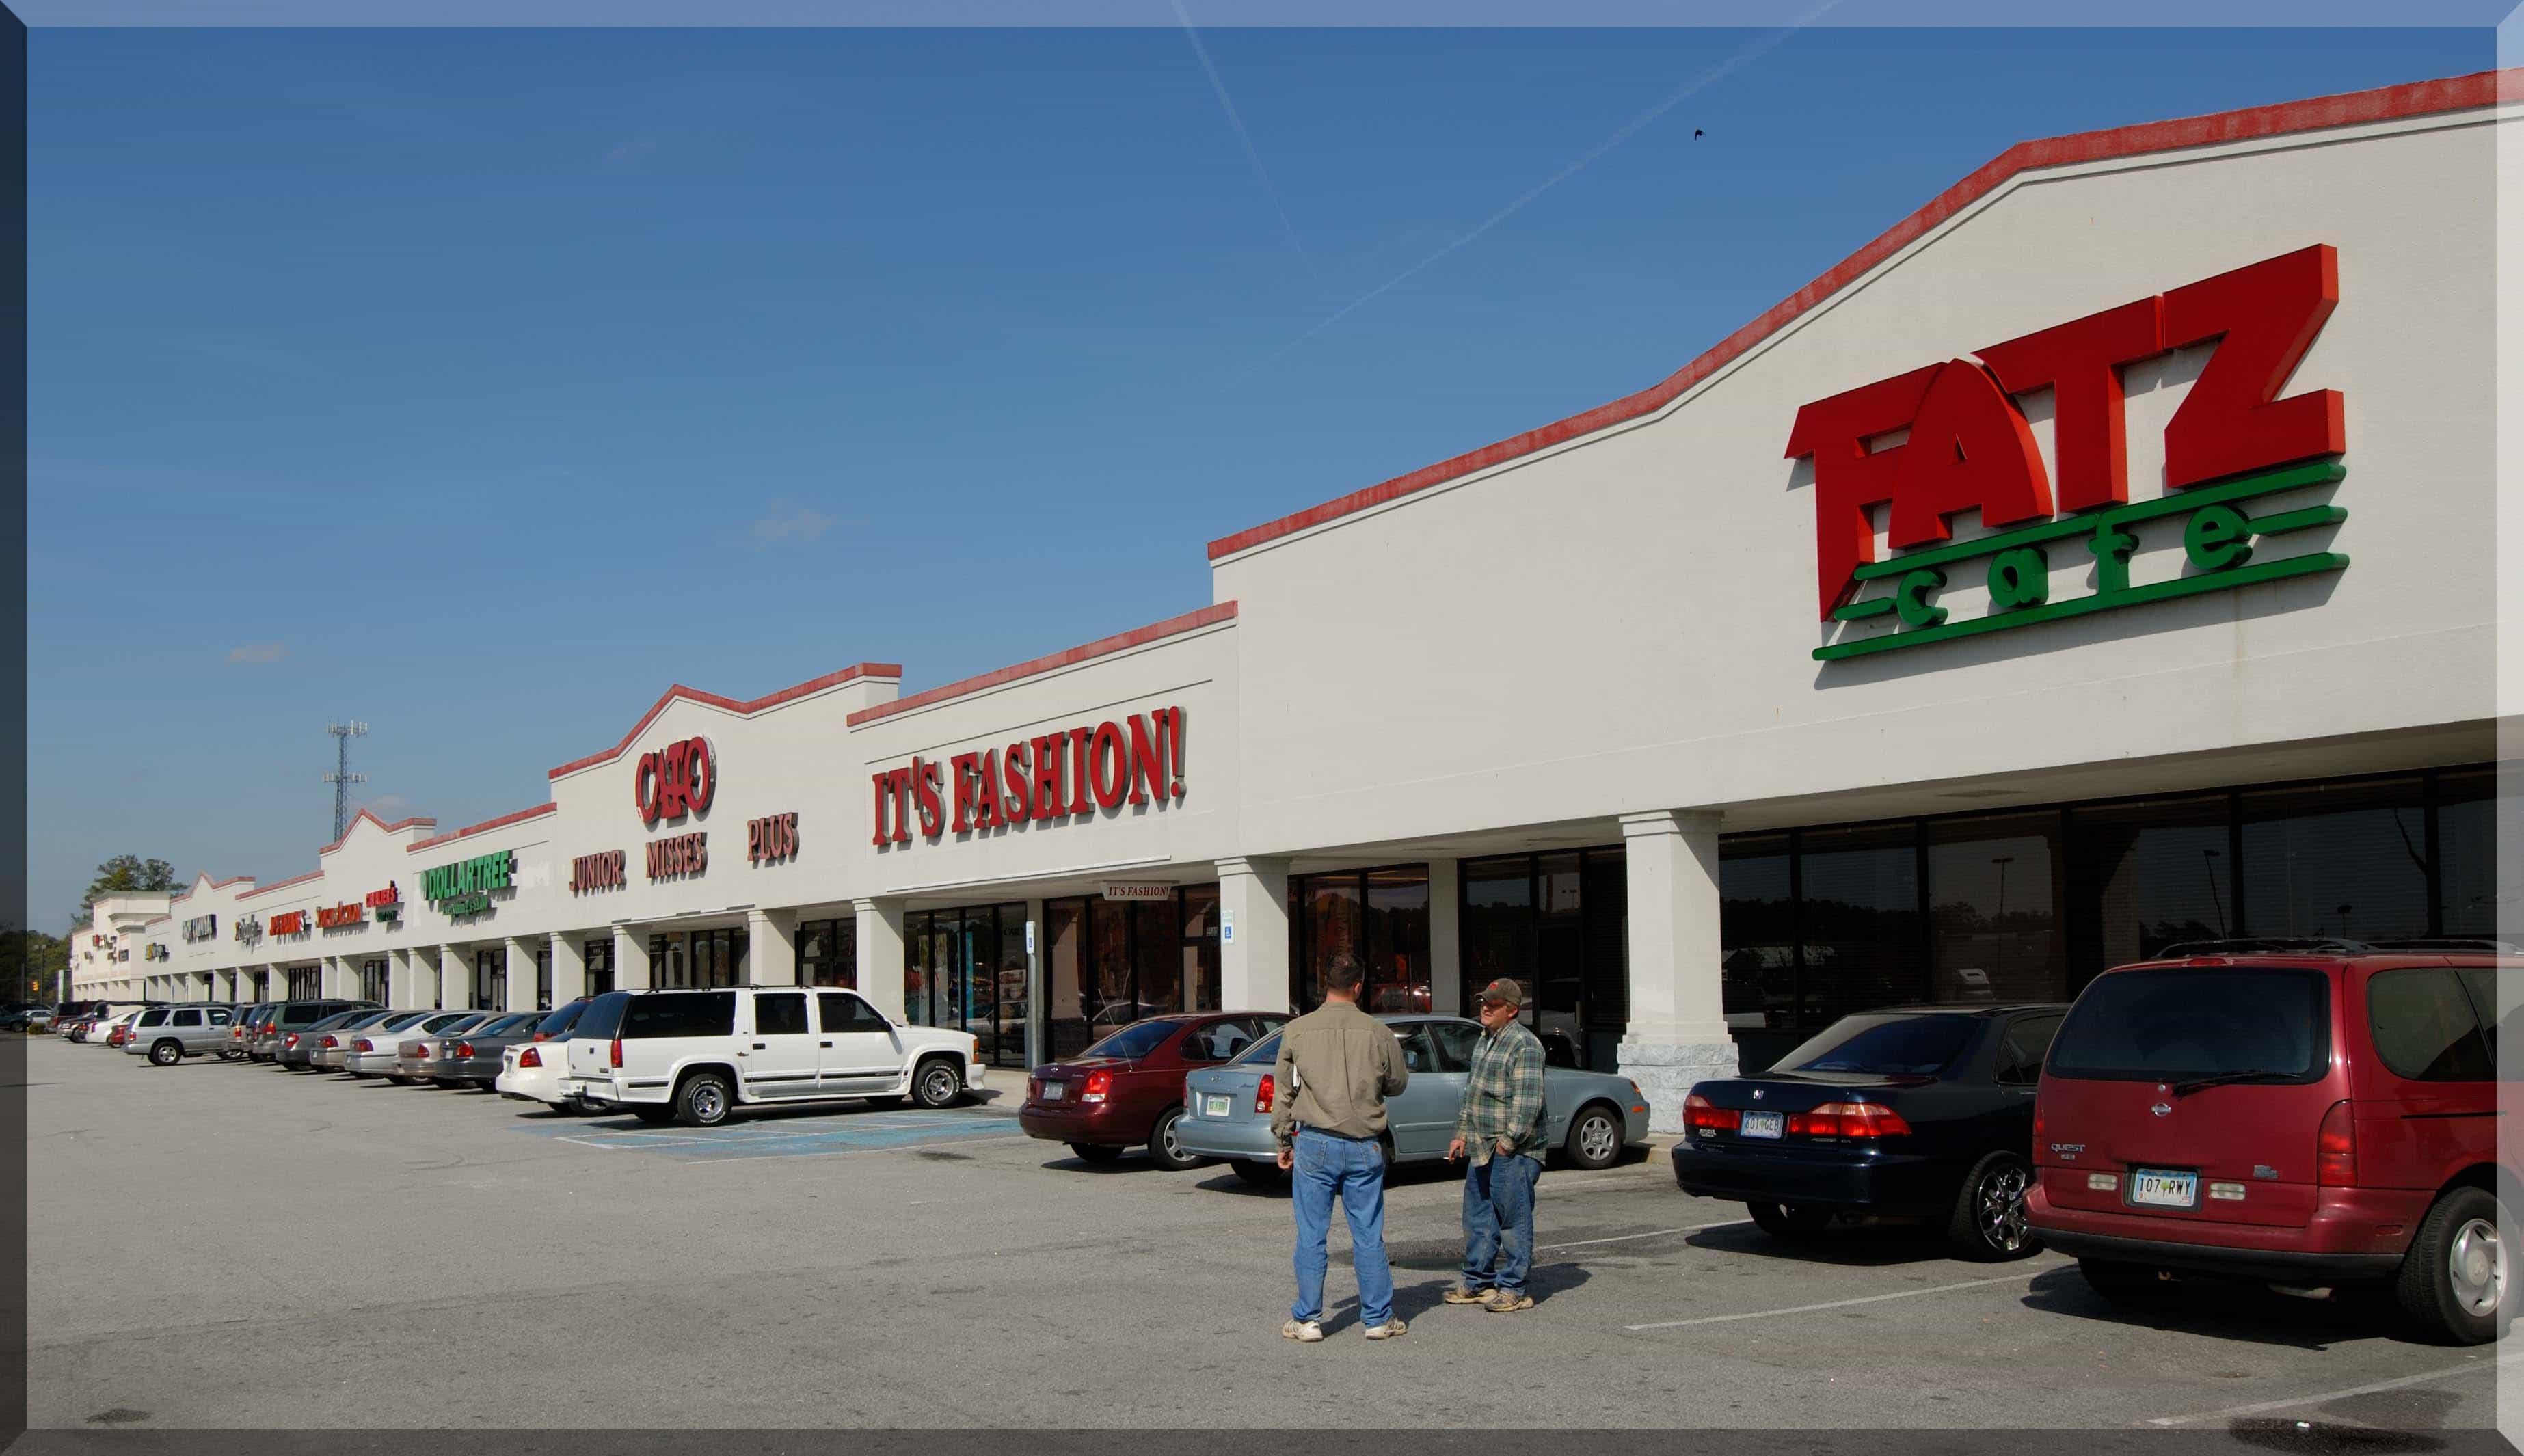 Sams Credit Login >> East Forest Plaza - Riser Retail Group